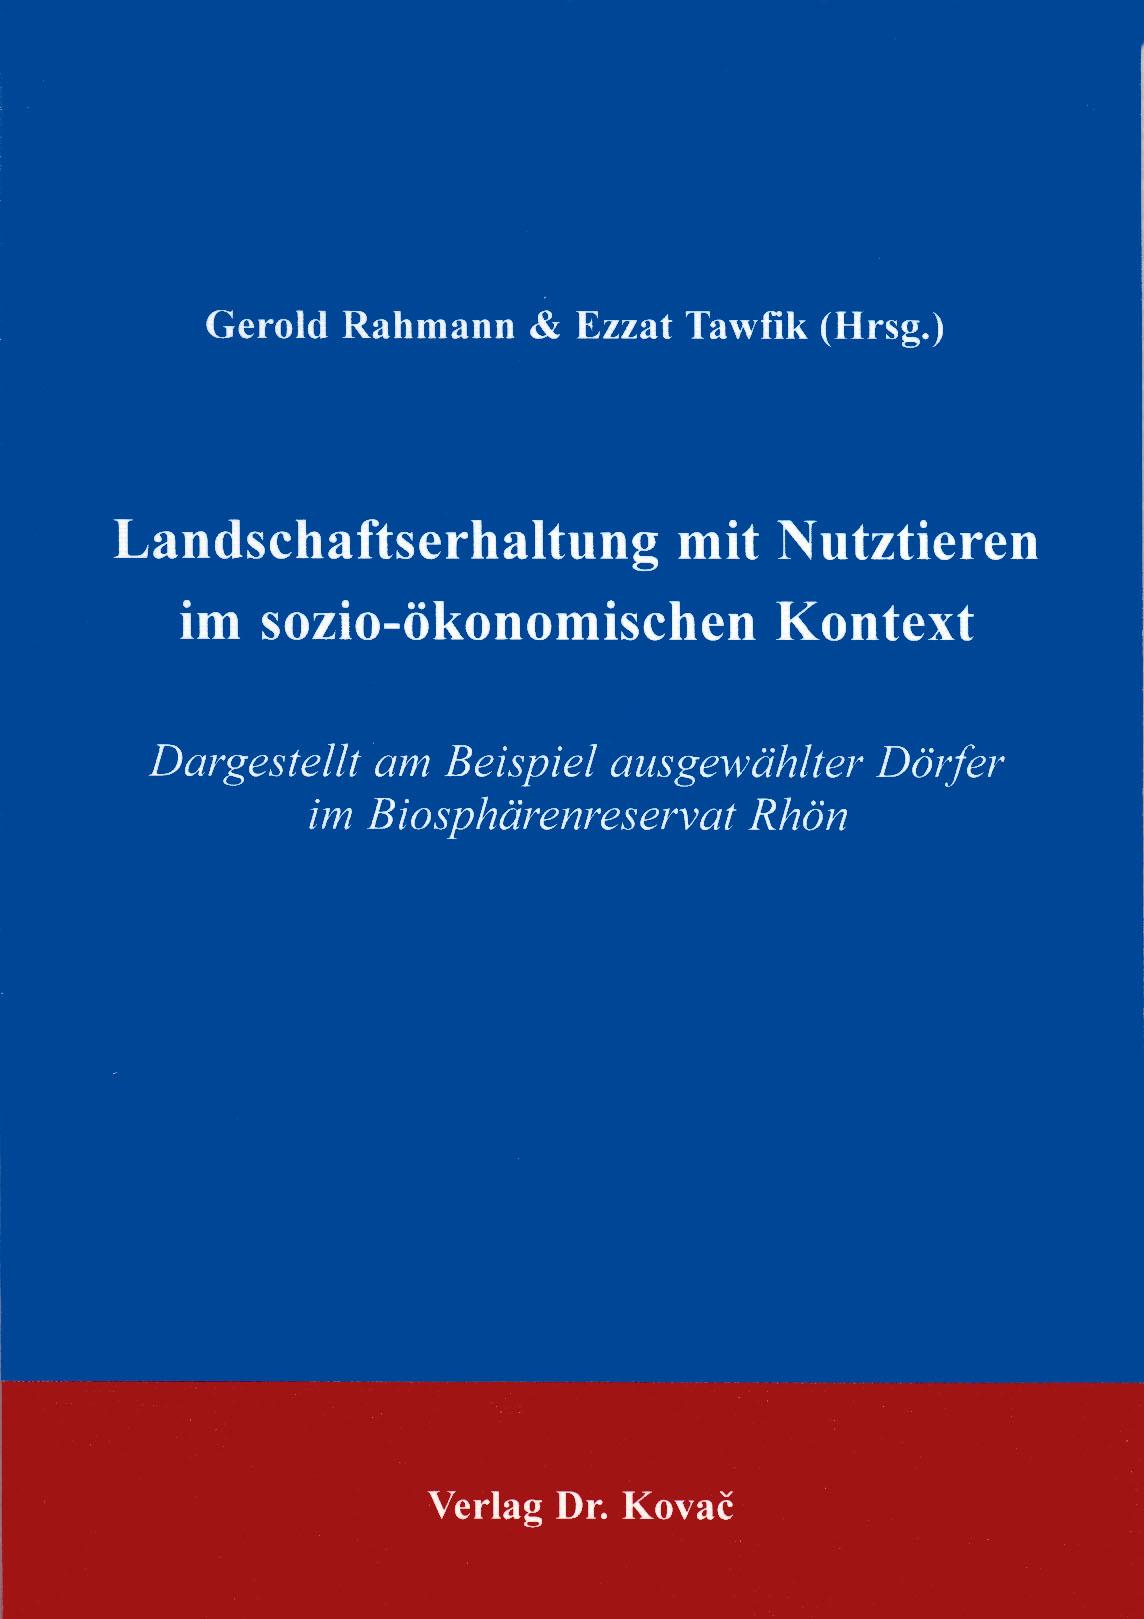 Cover: Landschaftserhaltung mit Nutztieren im sozio-ökonomischen Kontext